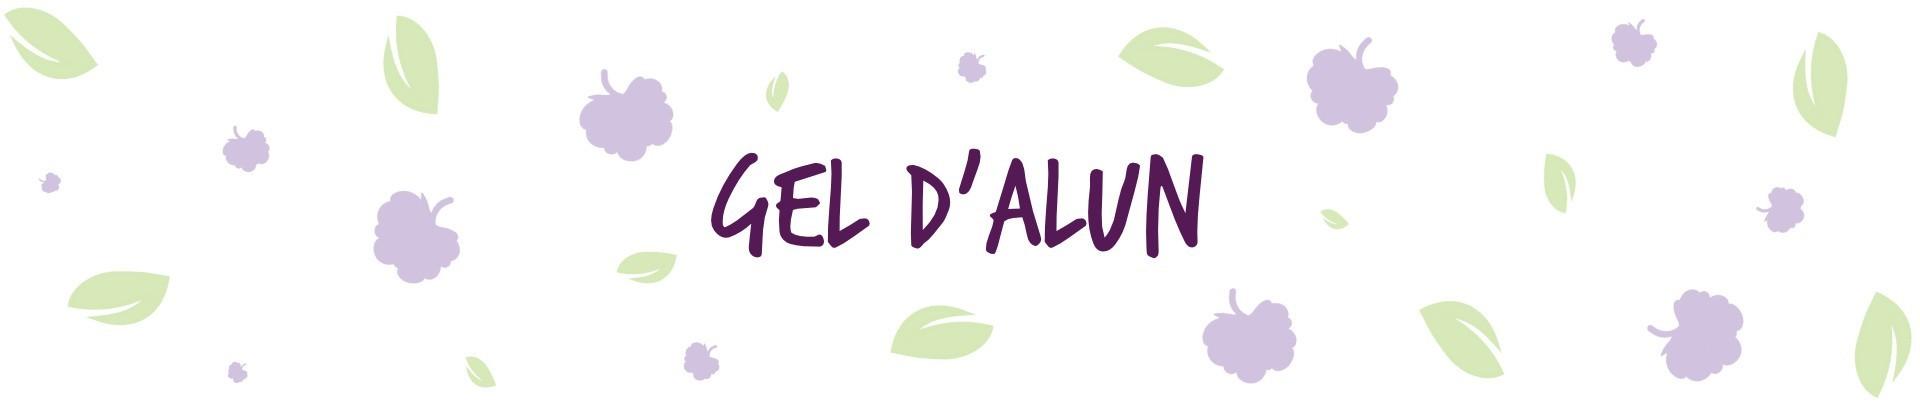 France-Maia-Gel-d-Alun